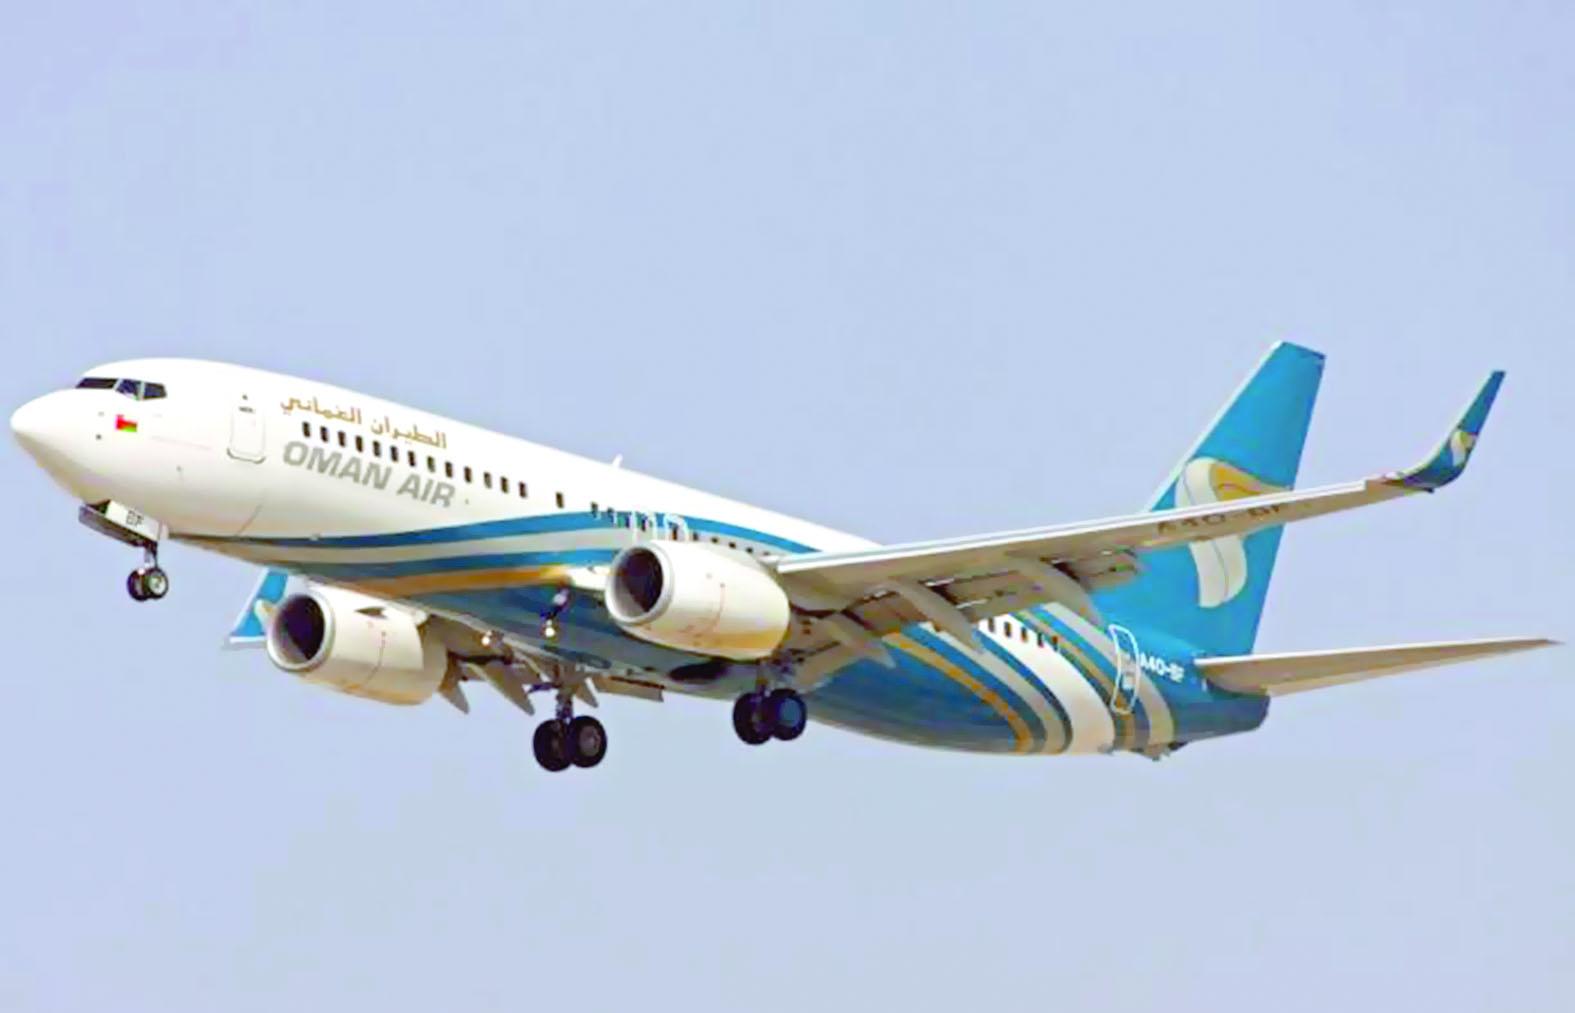 الناقل الوطني يتقدم 9 مراكز على تصنيف أفضل شركات الطيران